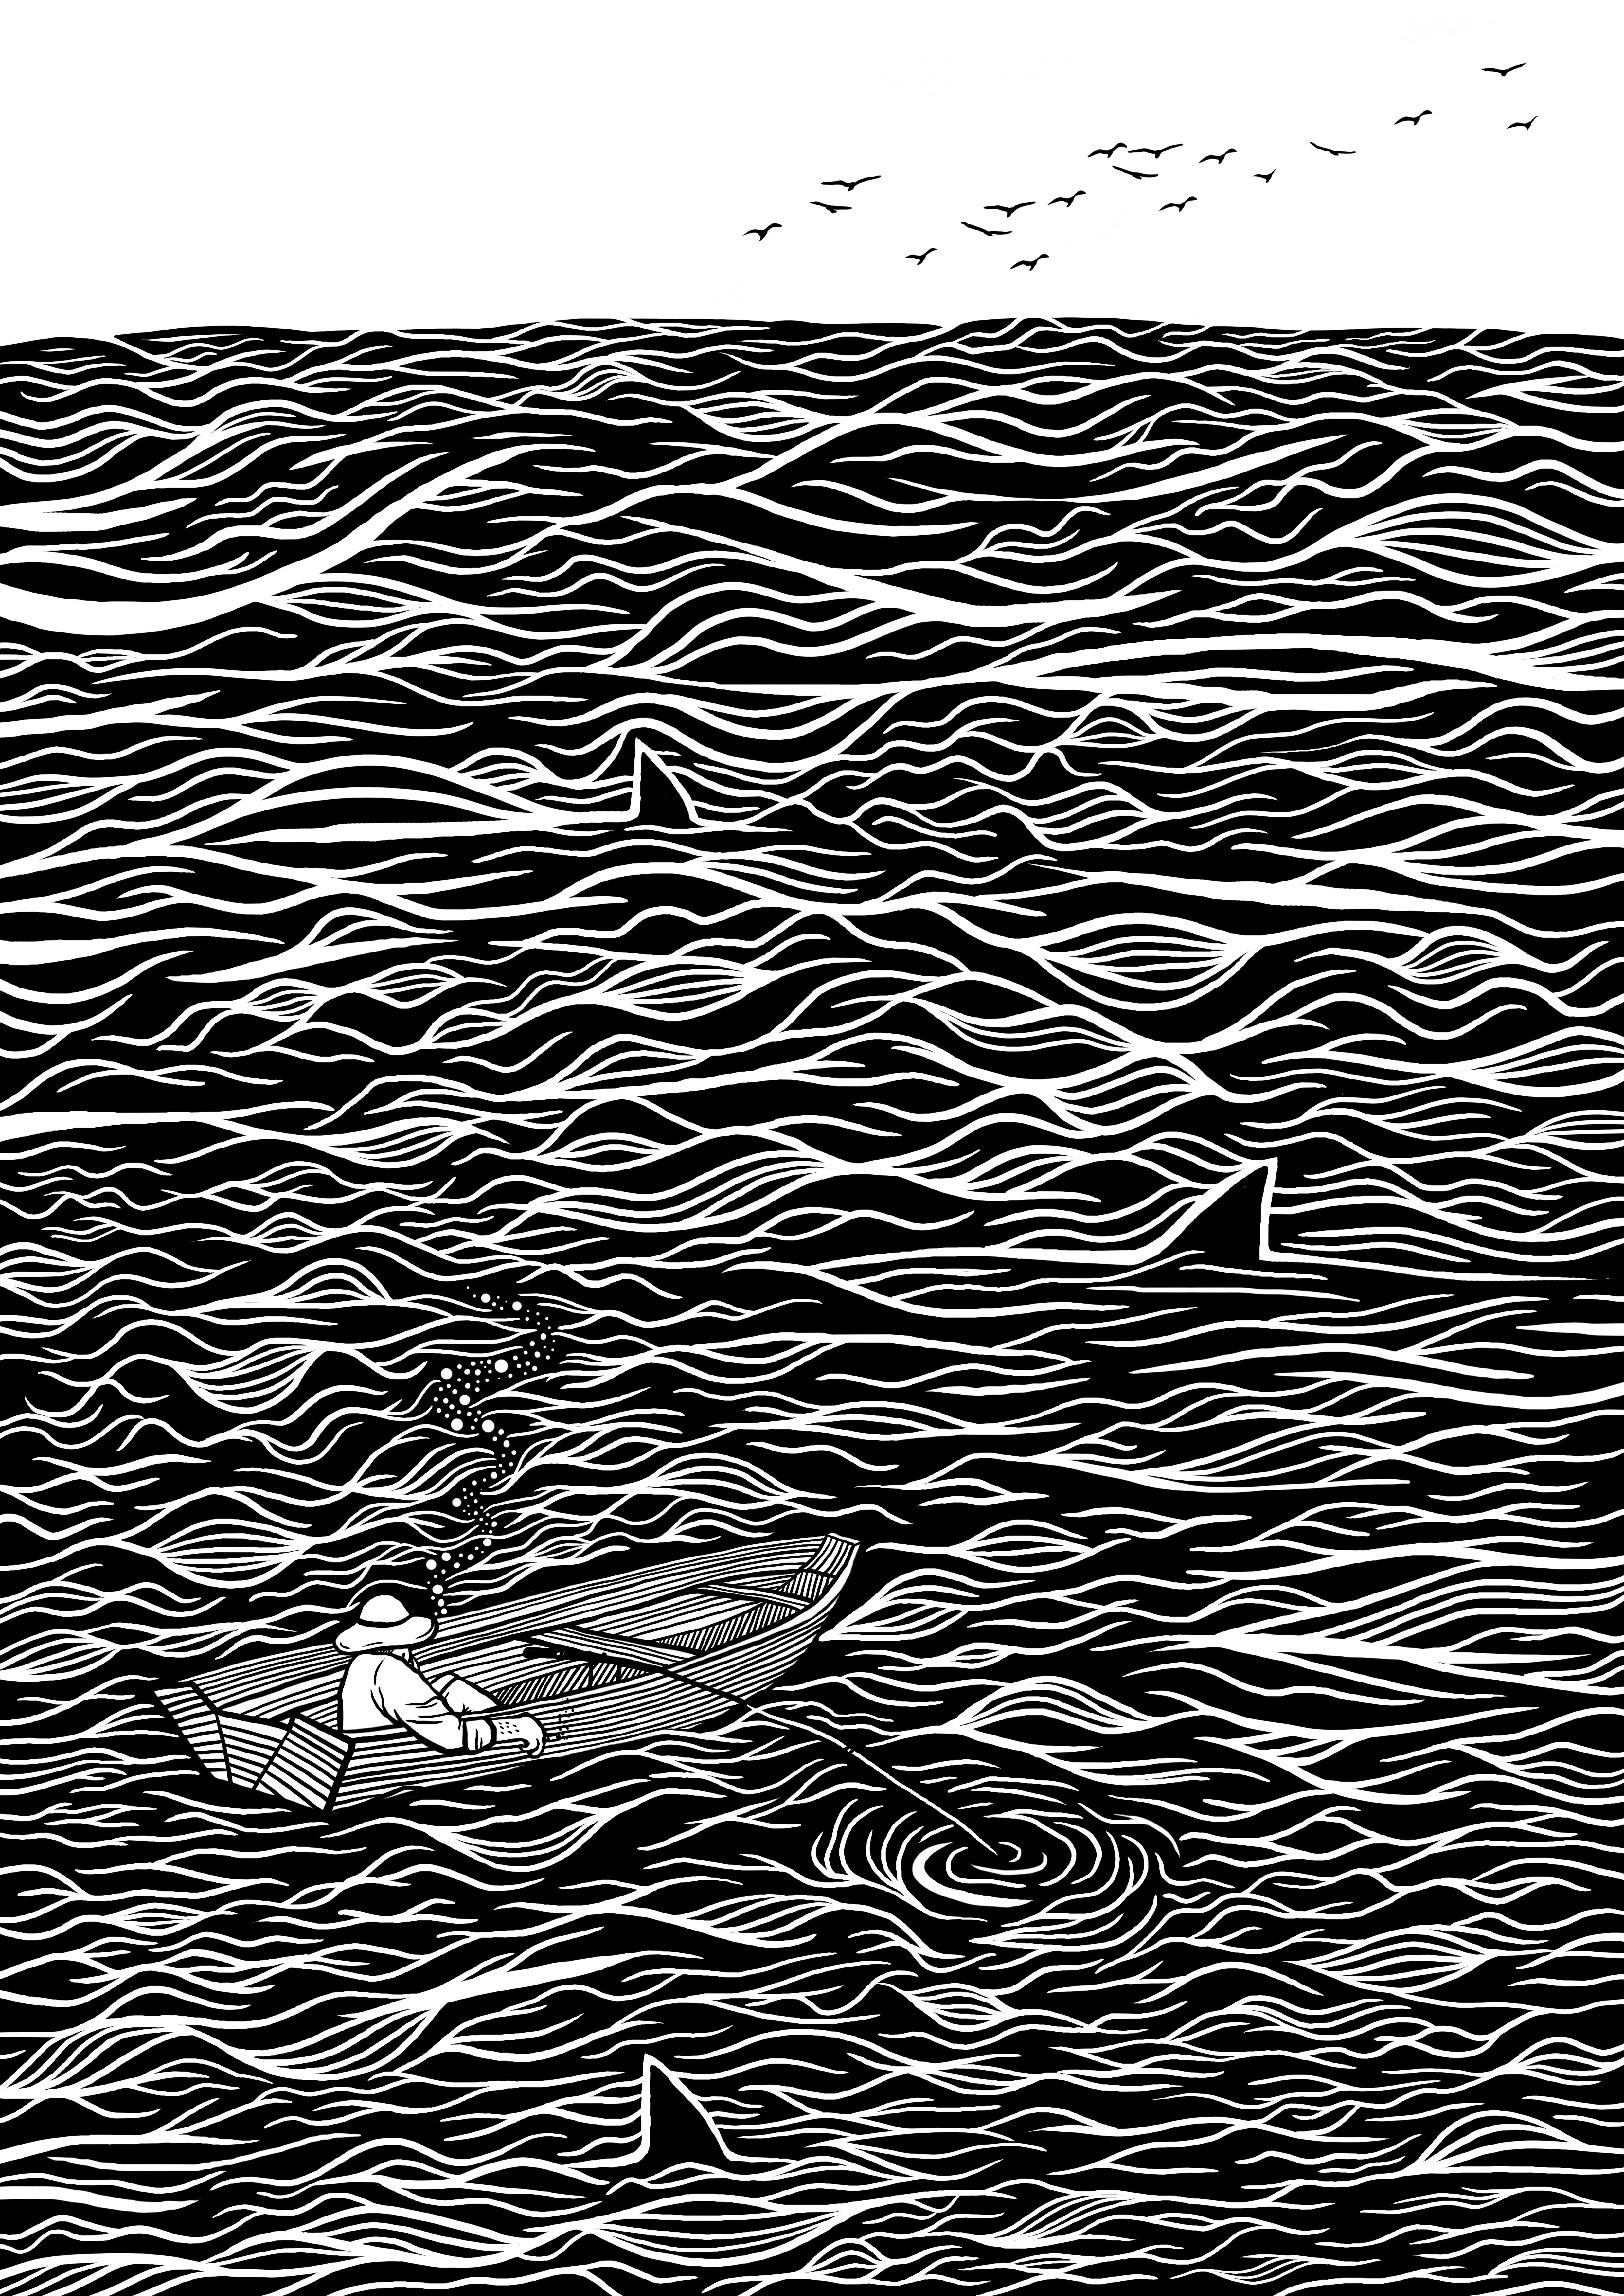 Moře širé a konec nevidět